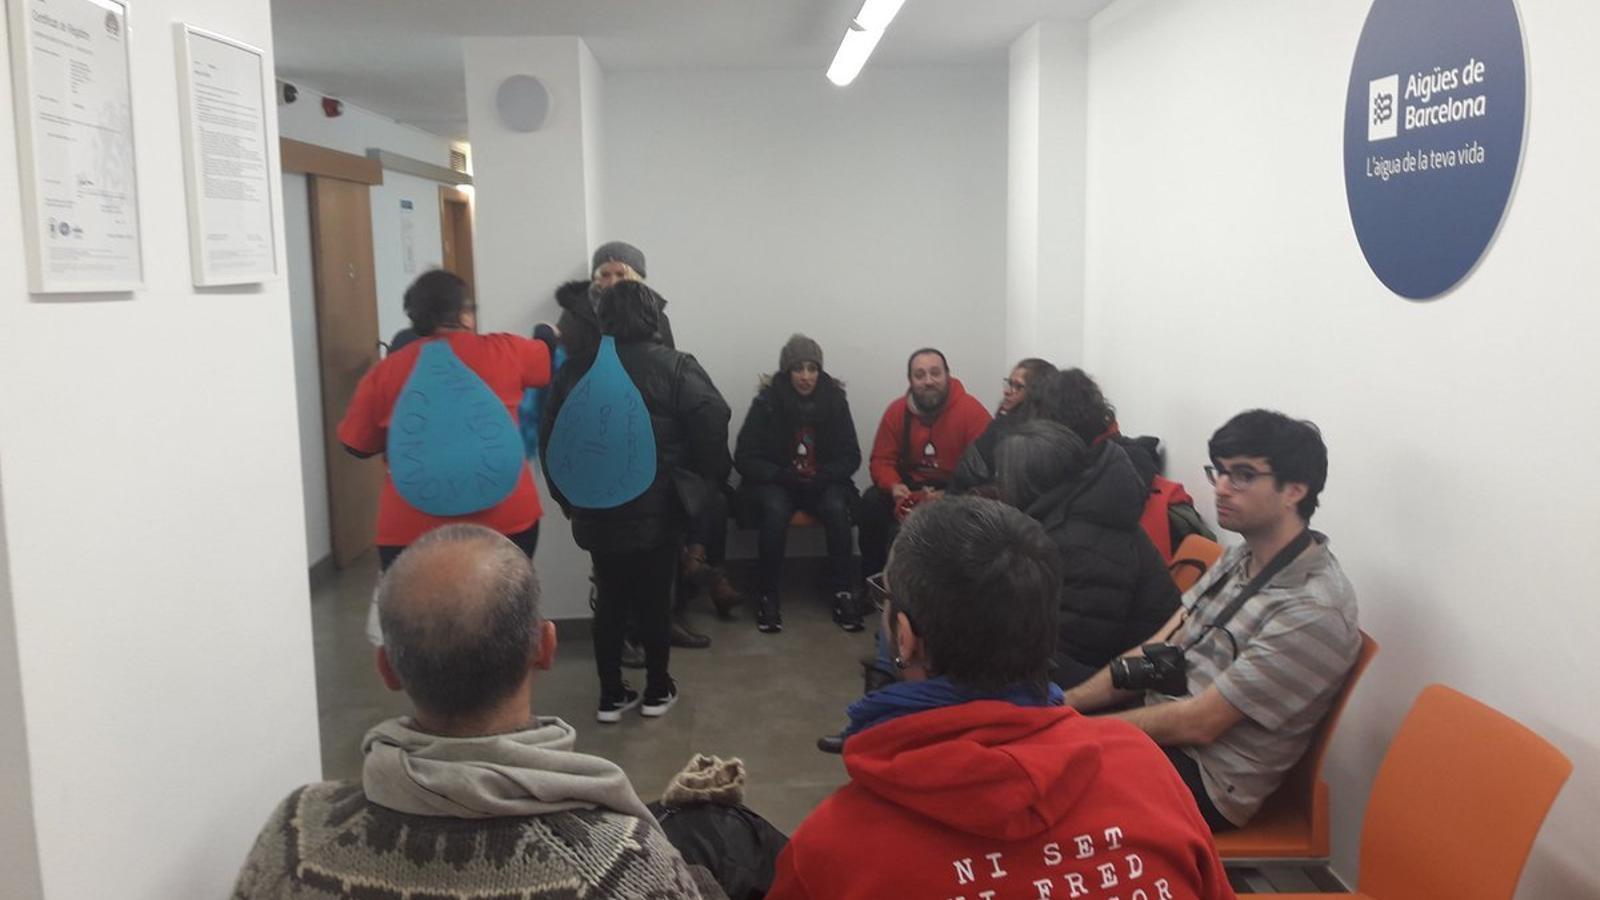 Ocupen la seu d'Agbar per exigir la condonació del deute de families afectades per pobresa energètica